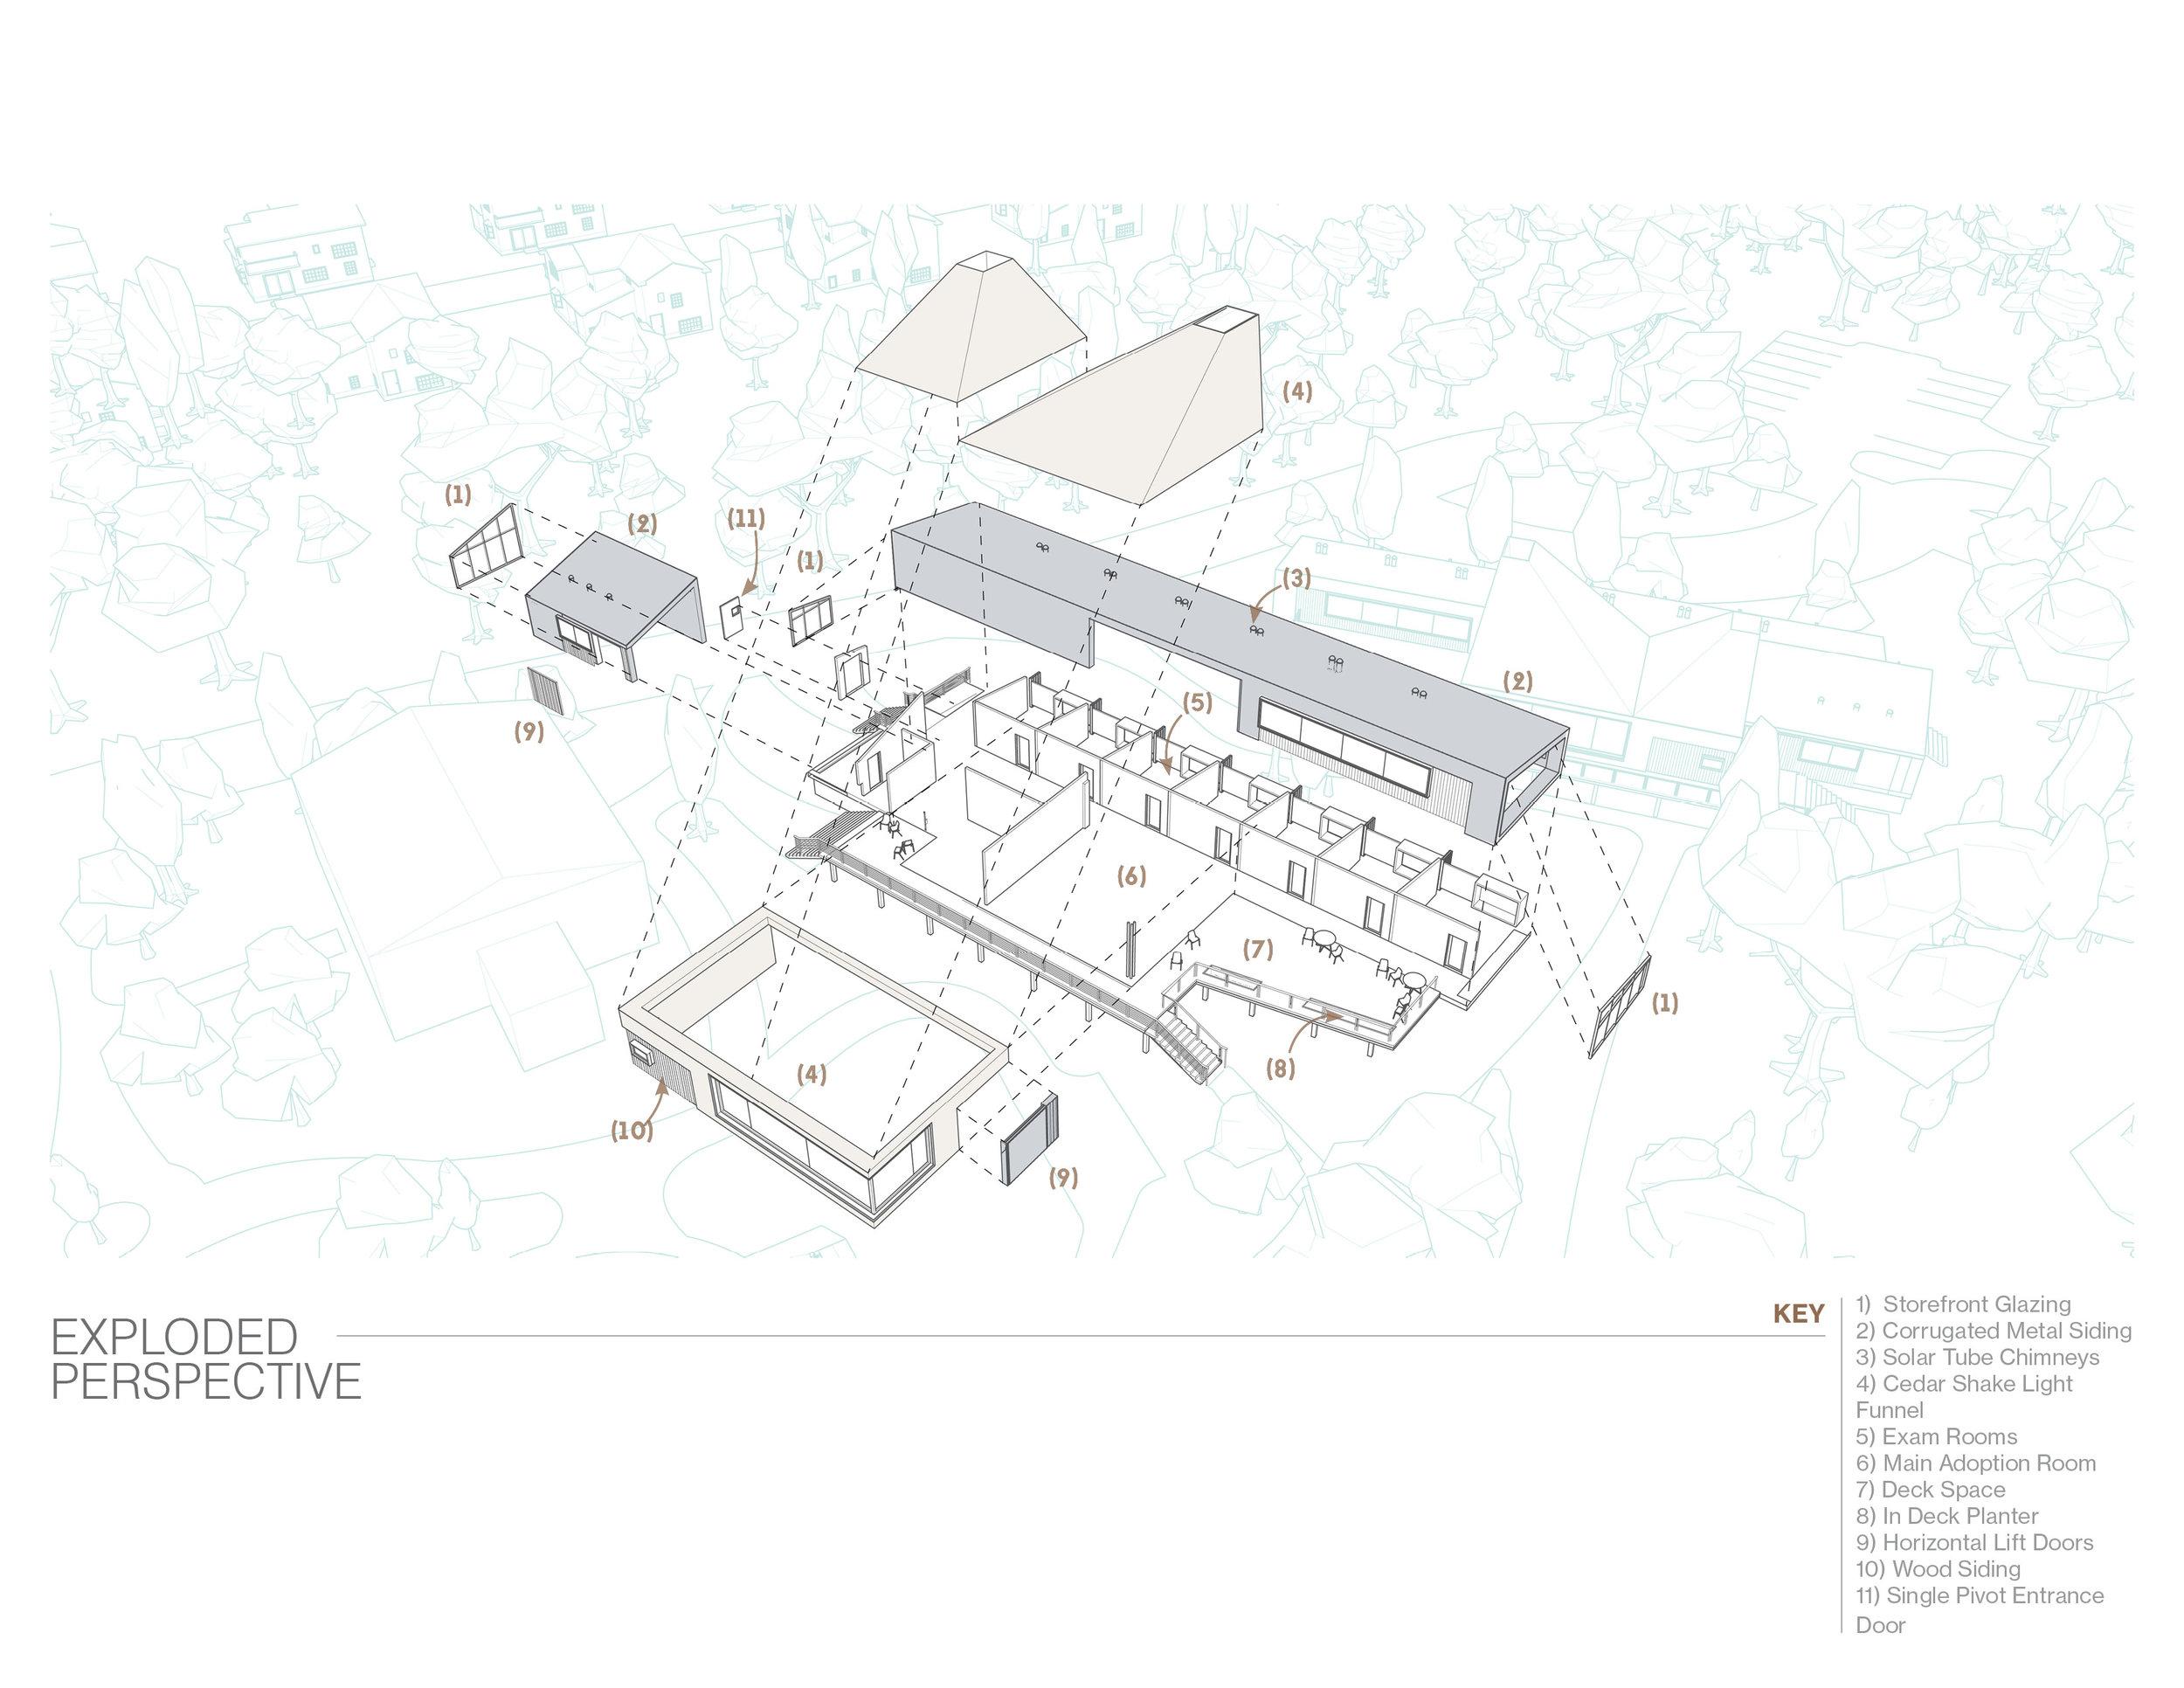 FurKids Campus - Image -  (4).jpg